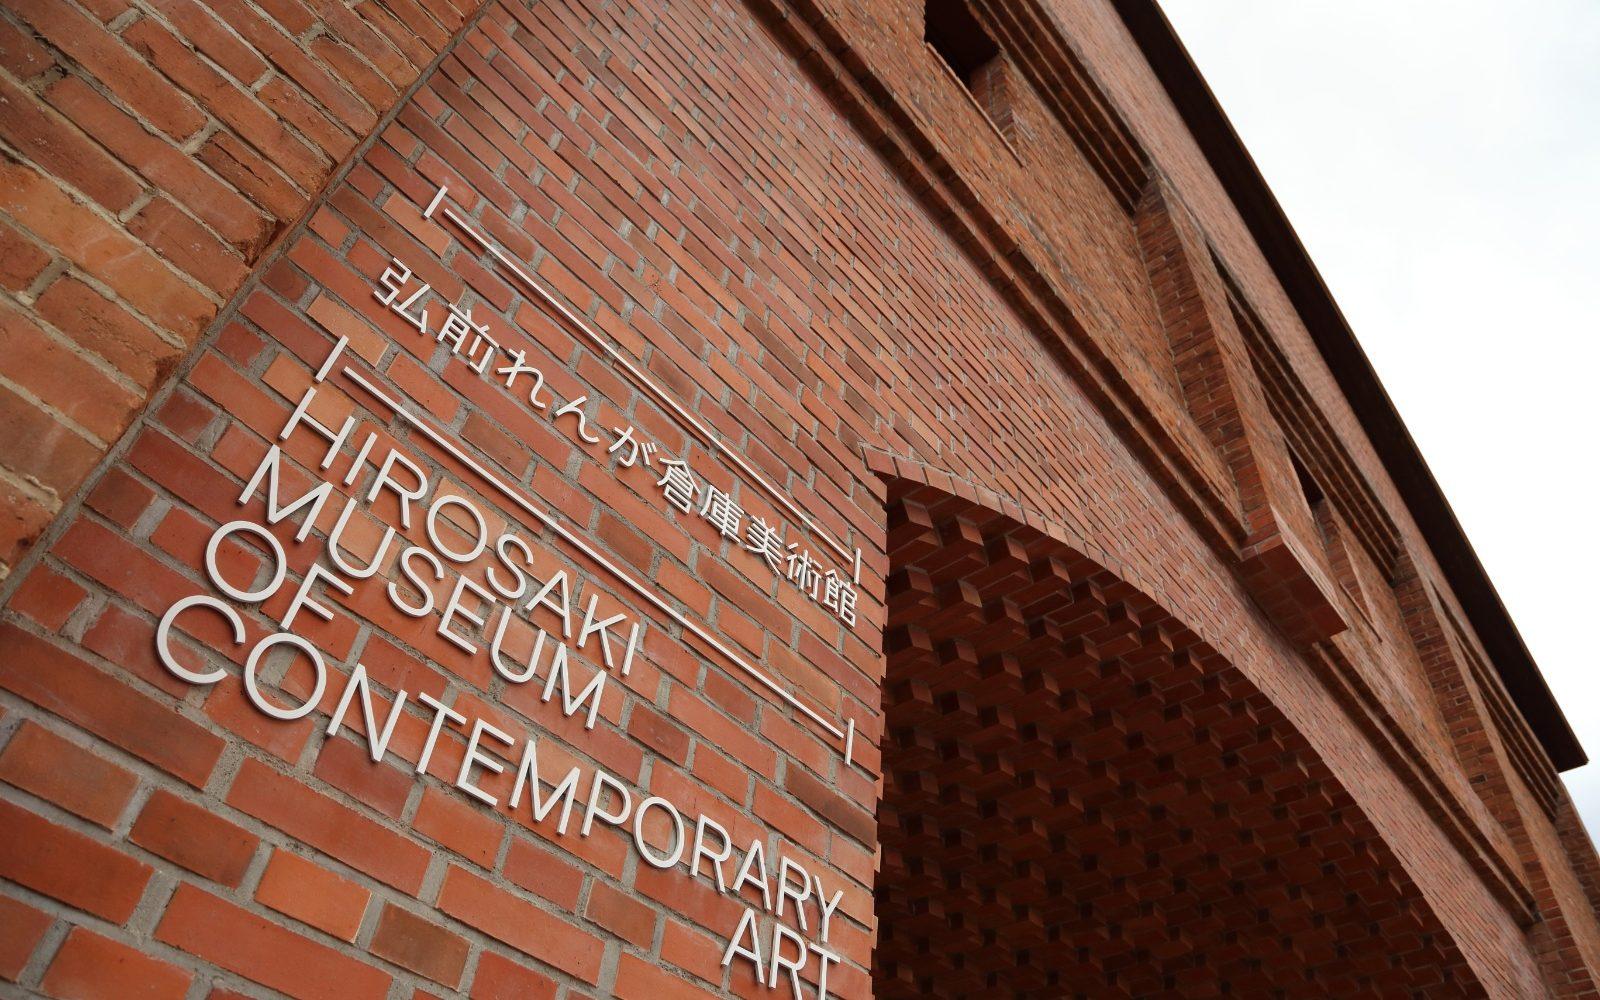 明治・大正期の煉瓦倉庫を改修したレトロモダンな雰囲気漂う美術館